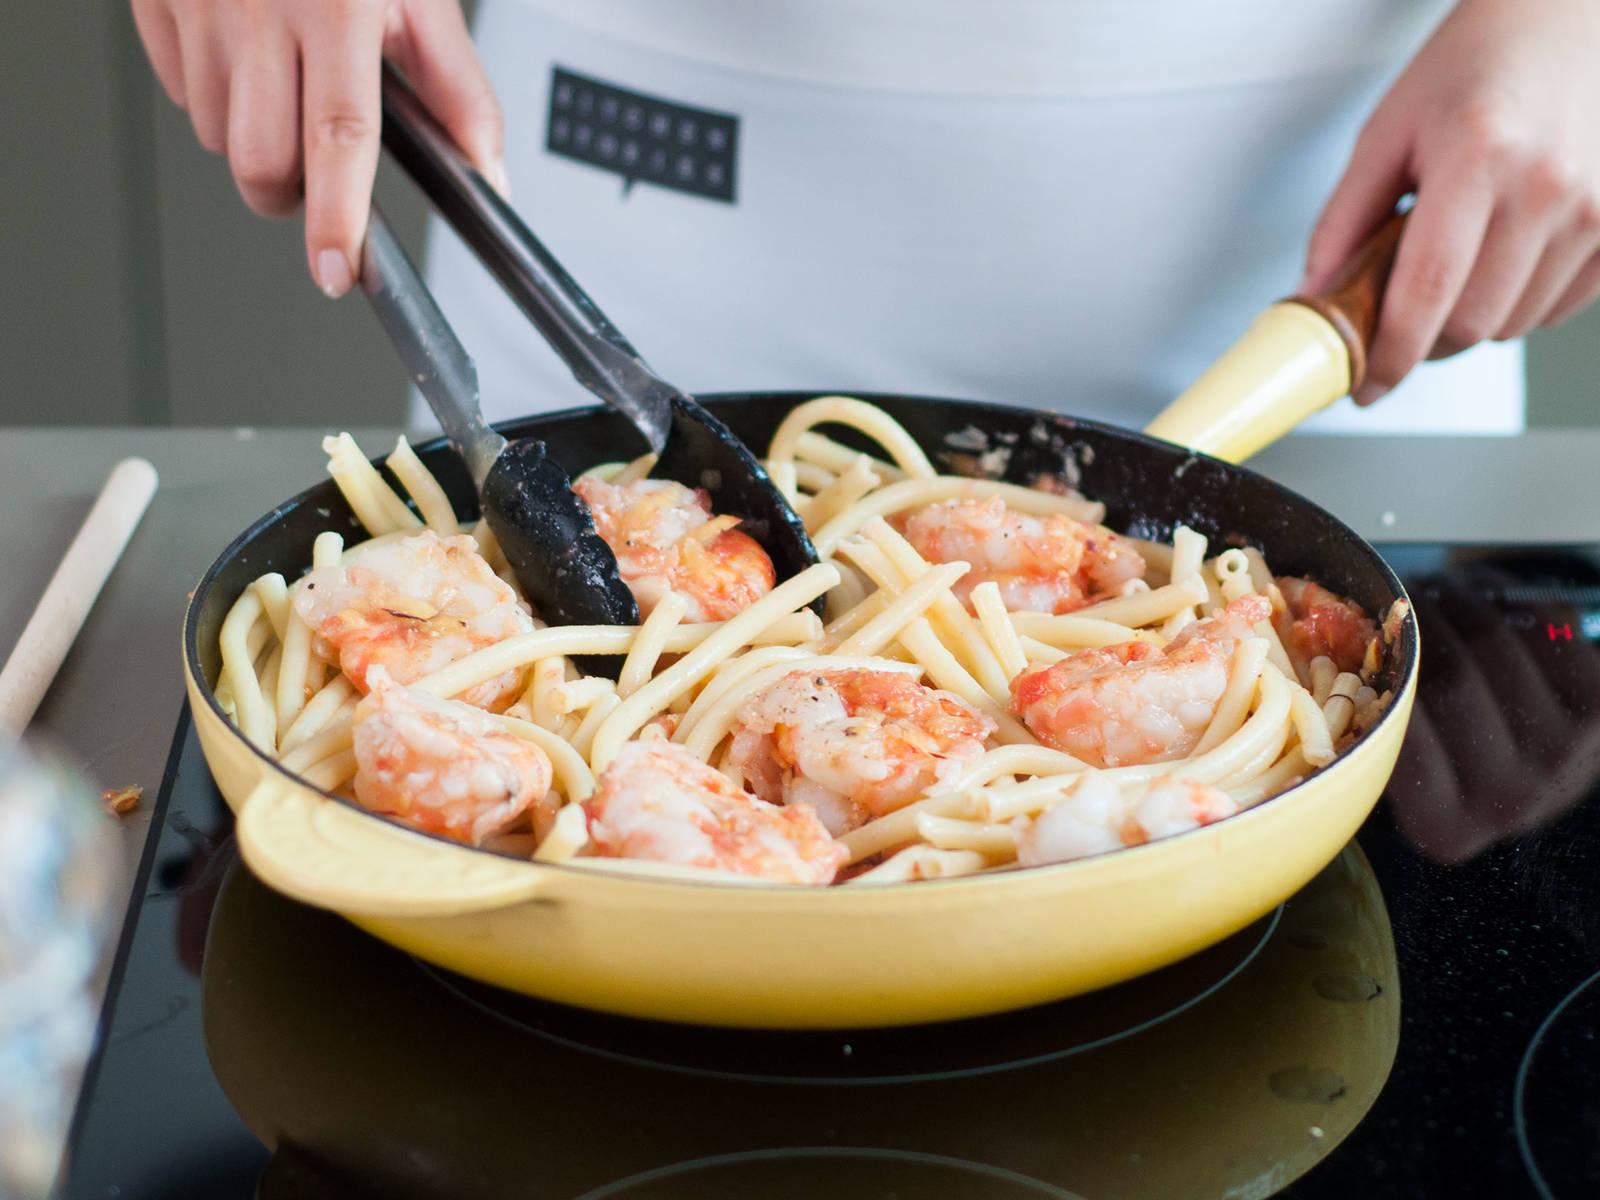 向煎锅中加入通心粉、番茄油桃酱,如有需要可再次加热。